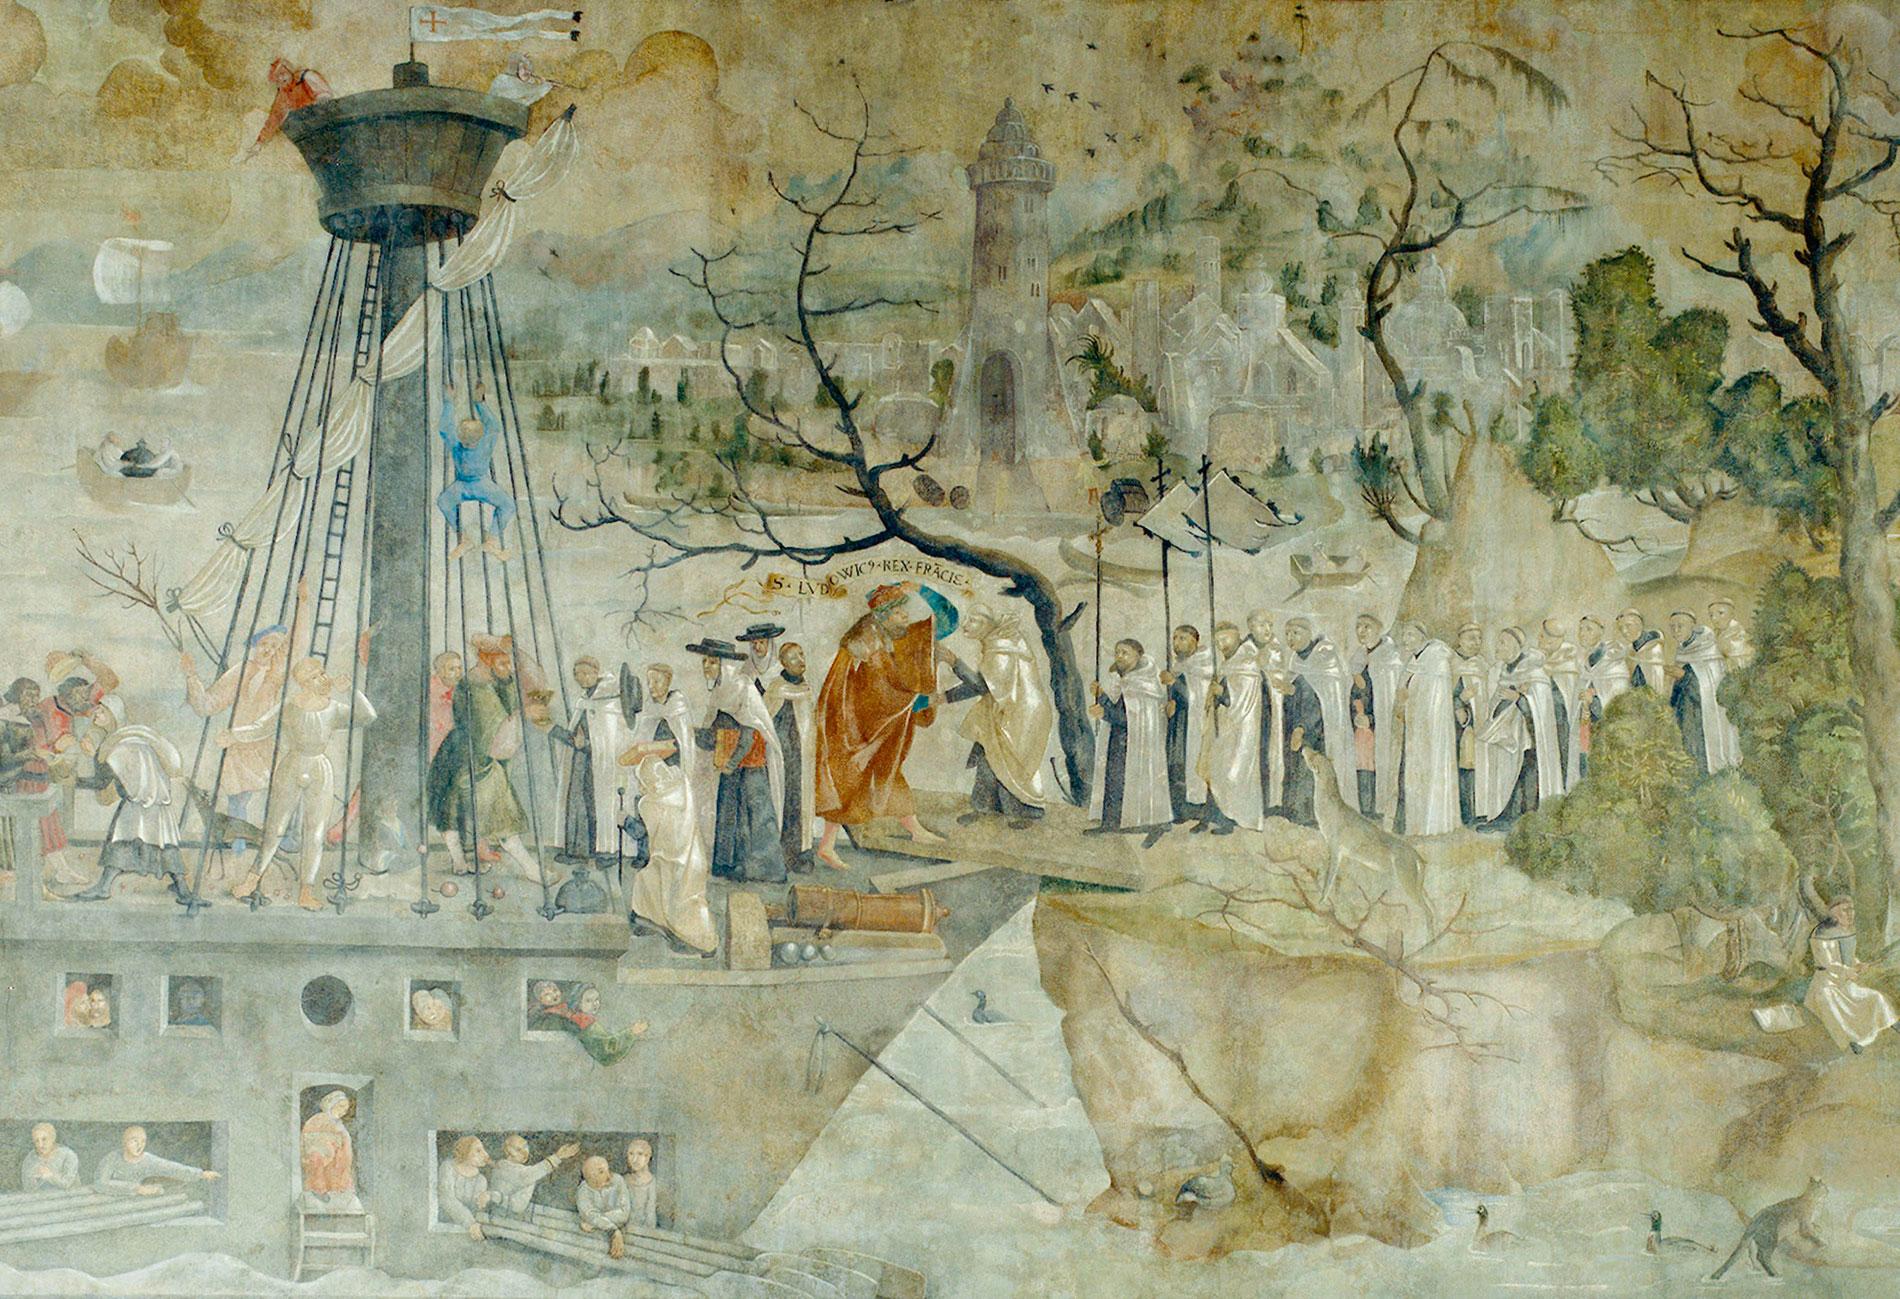 Jerg Ratgeb, Rettung der Karmeliter durch König Ludwig den Heiligen 1248, Wandgemälde im Refektorium des Karmeliterklosters Frankfurt am Main, 1517